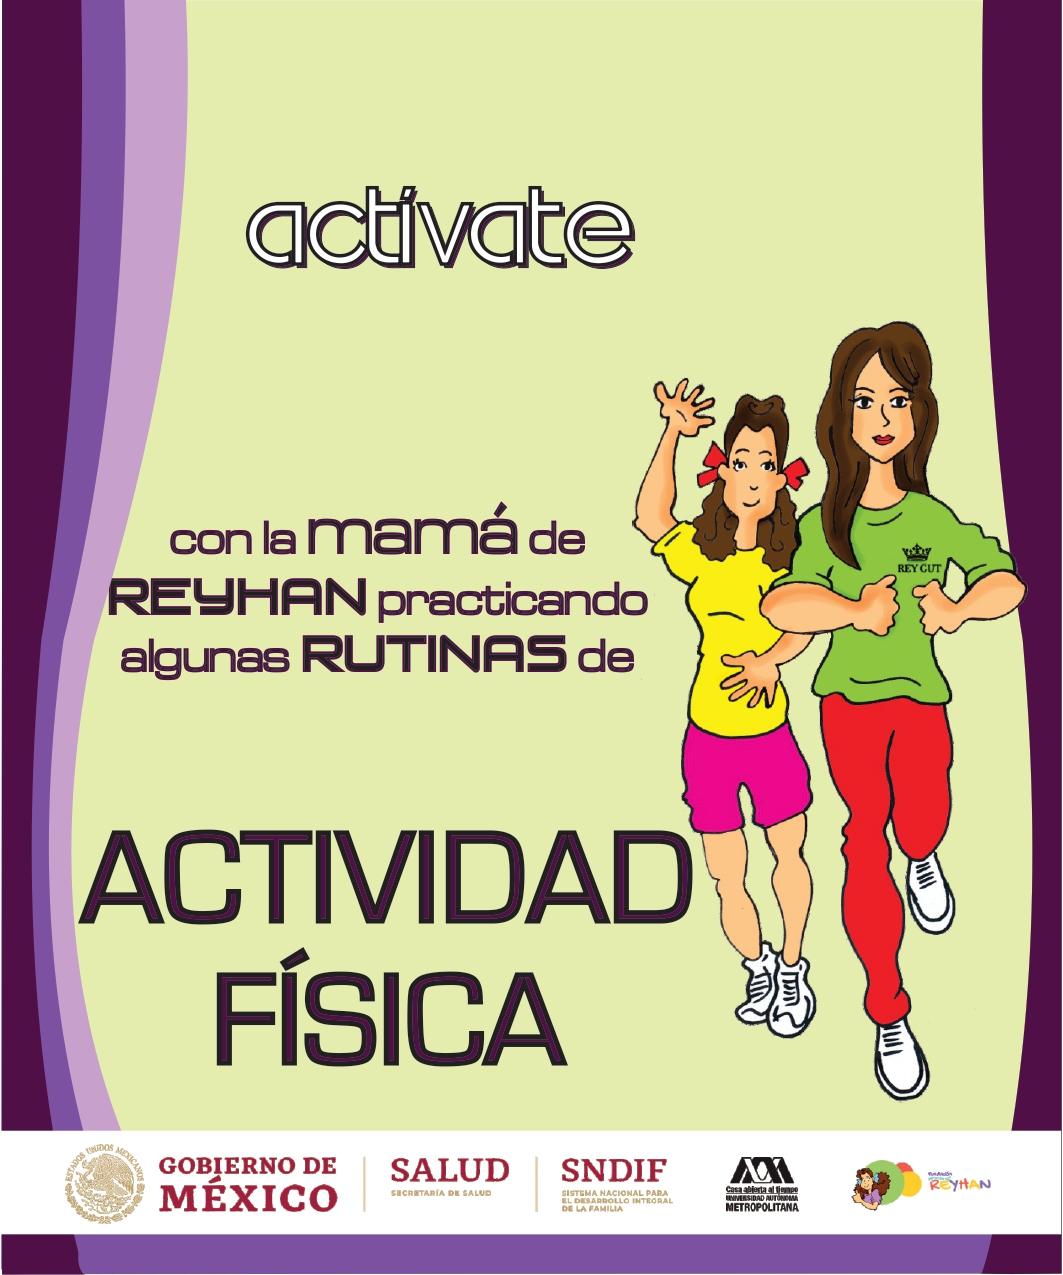 Rutinas Reyhan Mamá ditigal_page-0001